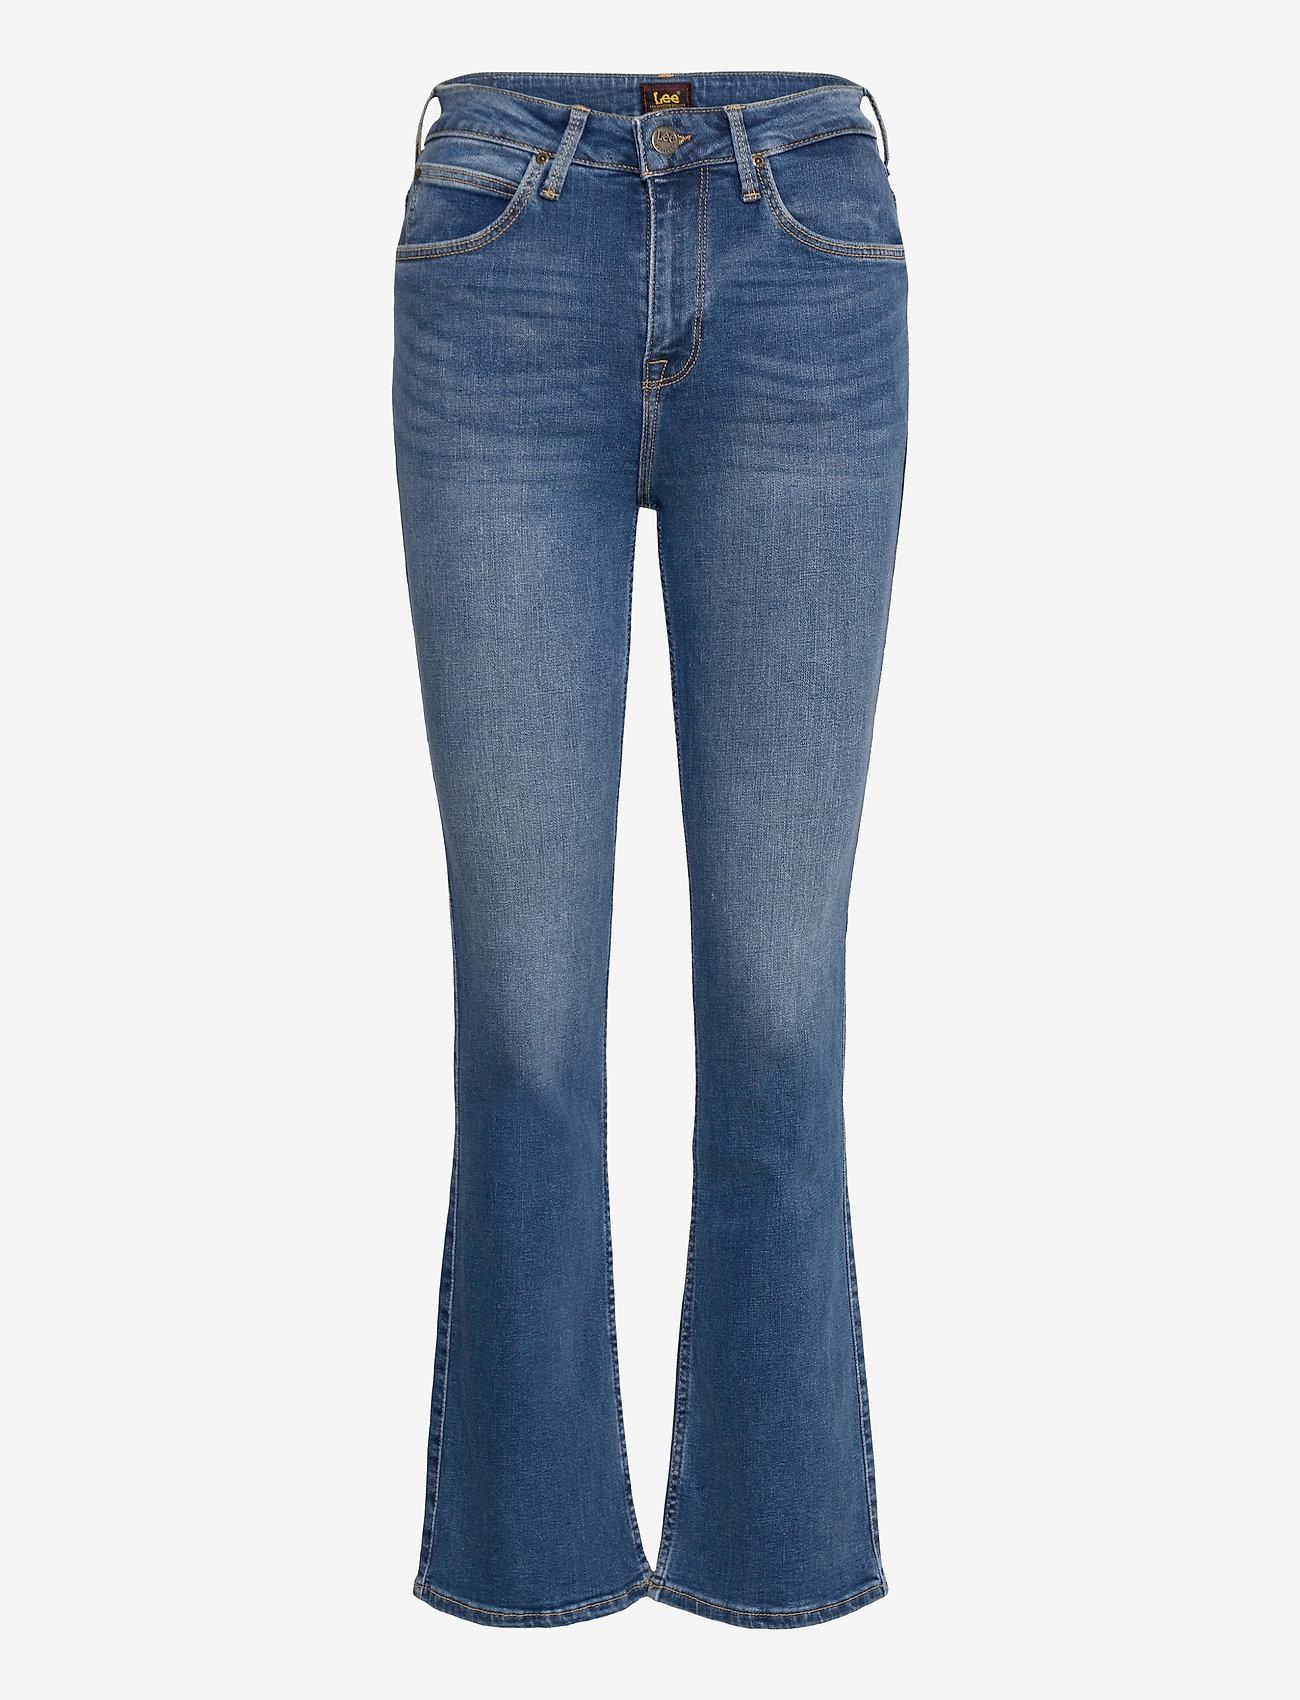 Lee Jeans - BREESE BOOT - schlaghosen - mid worn martha - 0